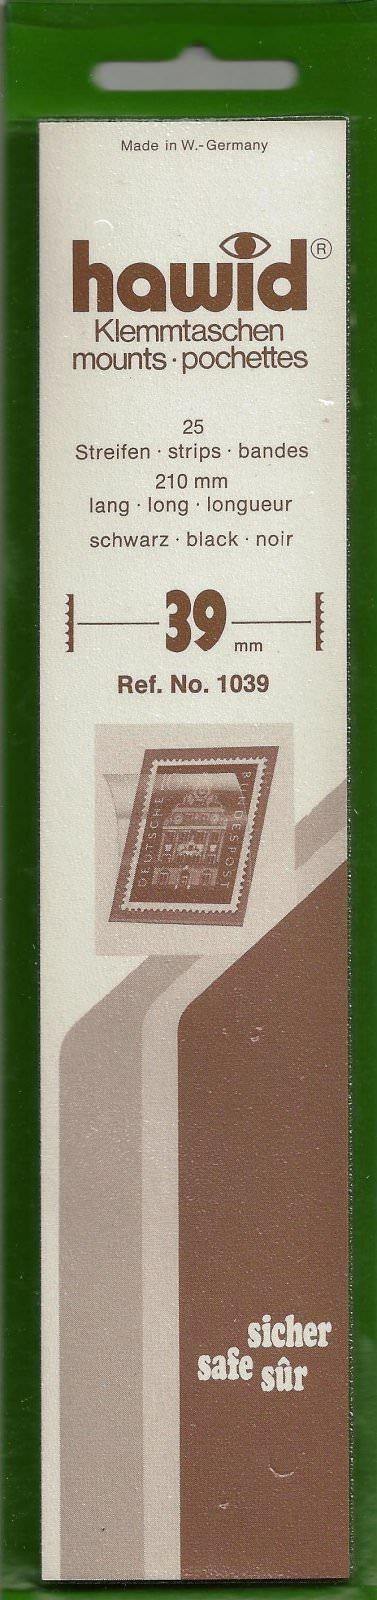 hawid 210x39